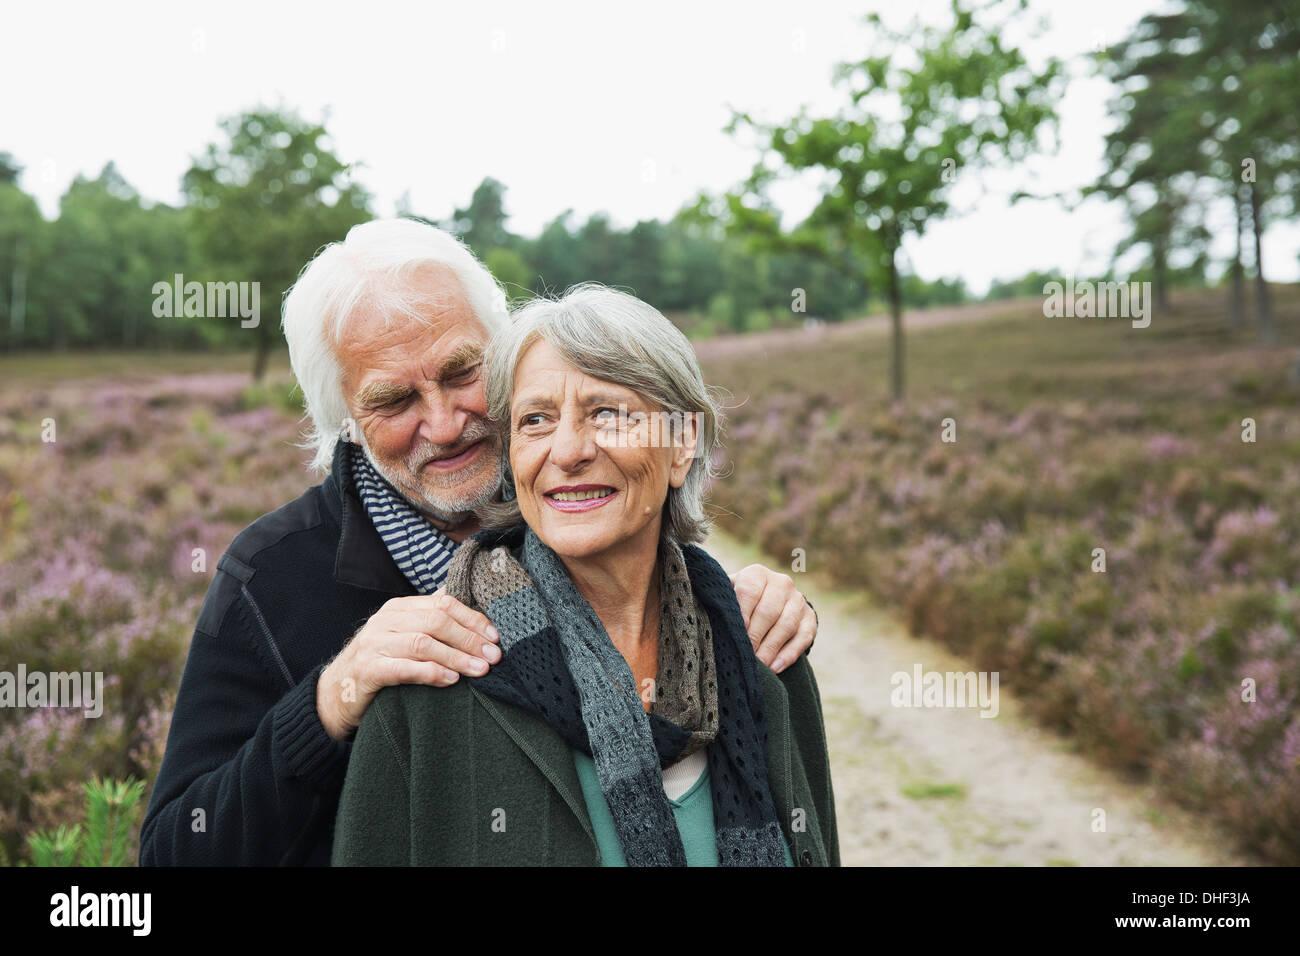 Älteres Paar, Mann mit Händen auf Frau Schultern Stockfoto